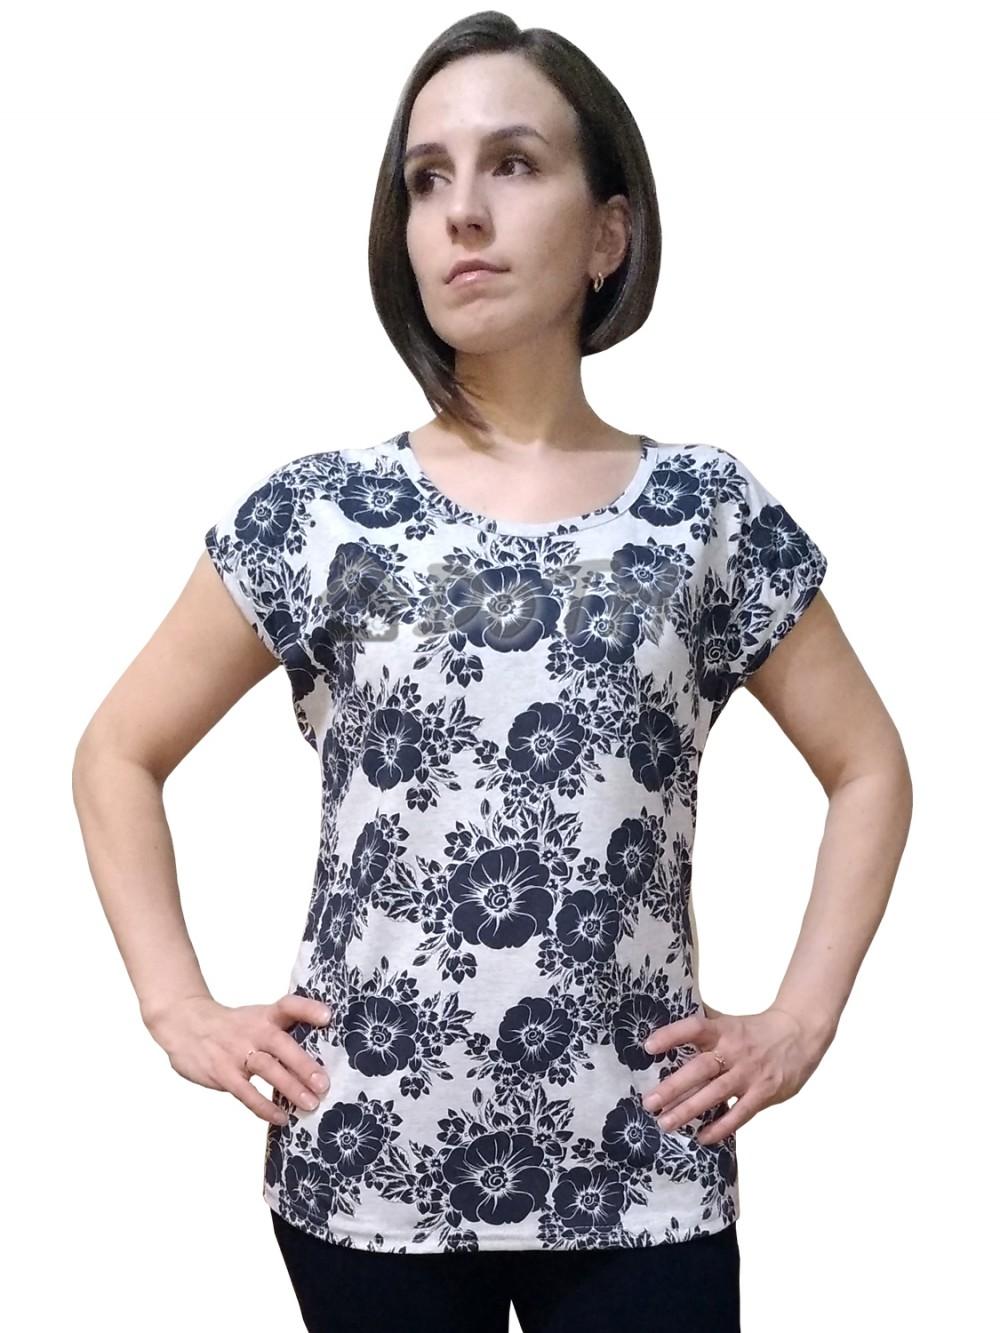 Увеличить - Блузка «Прима» арт 008